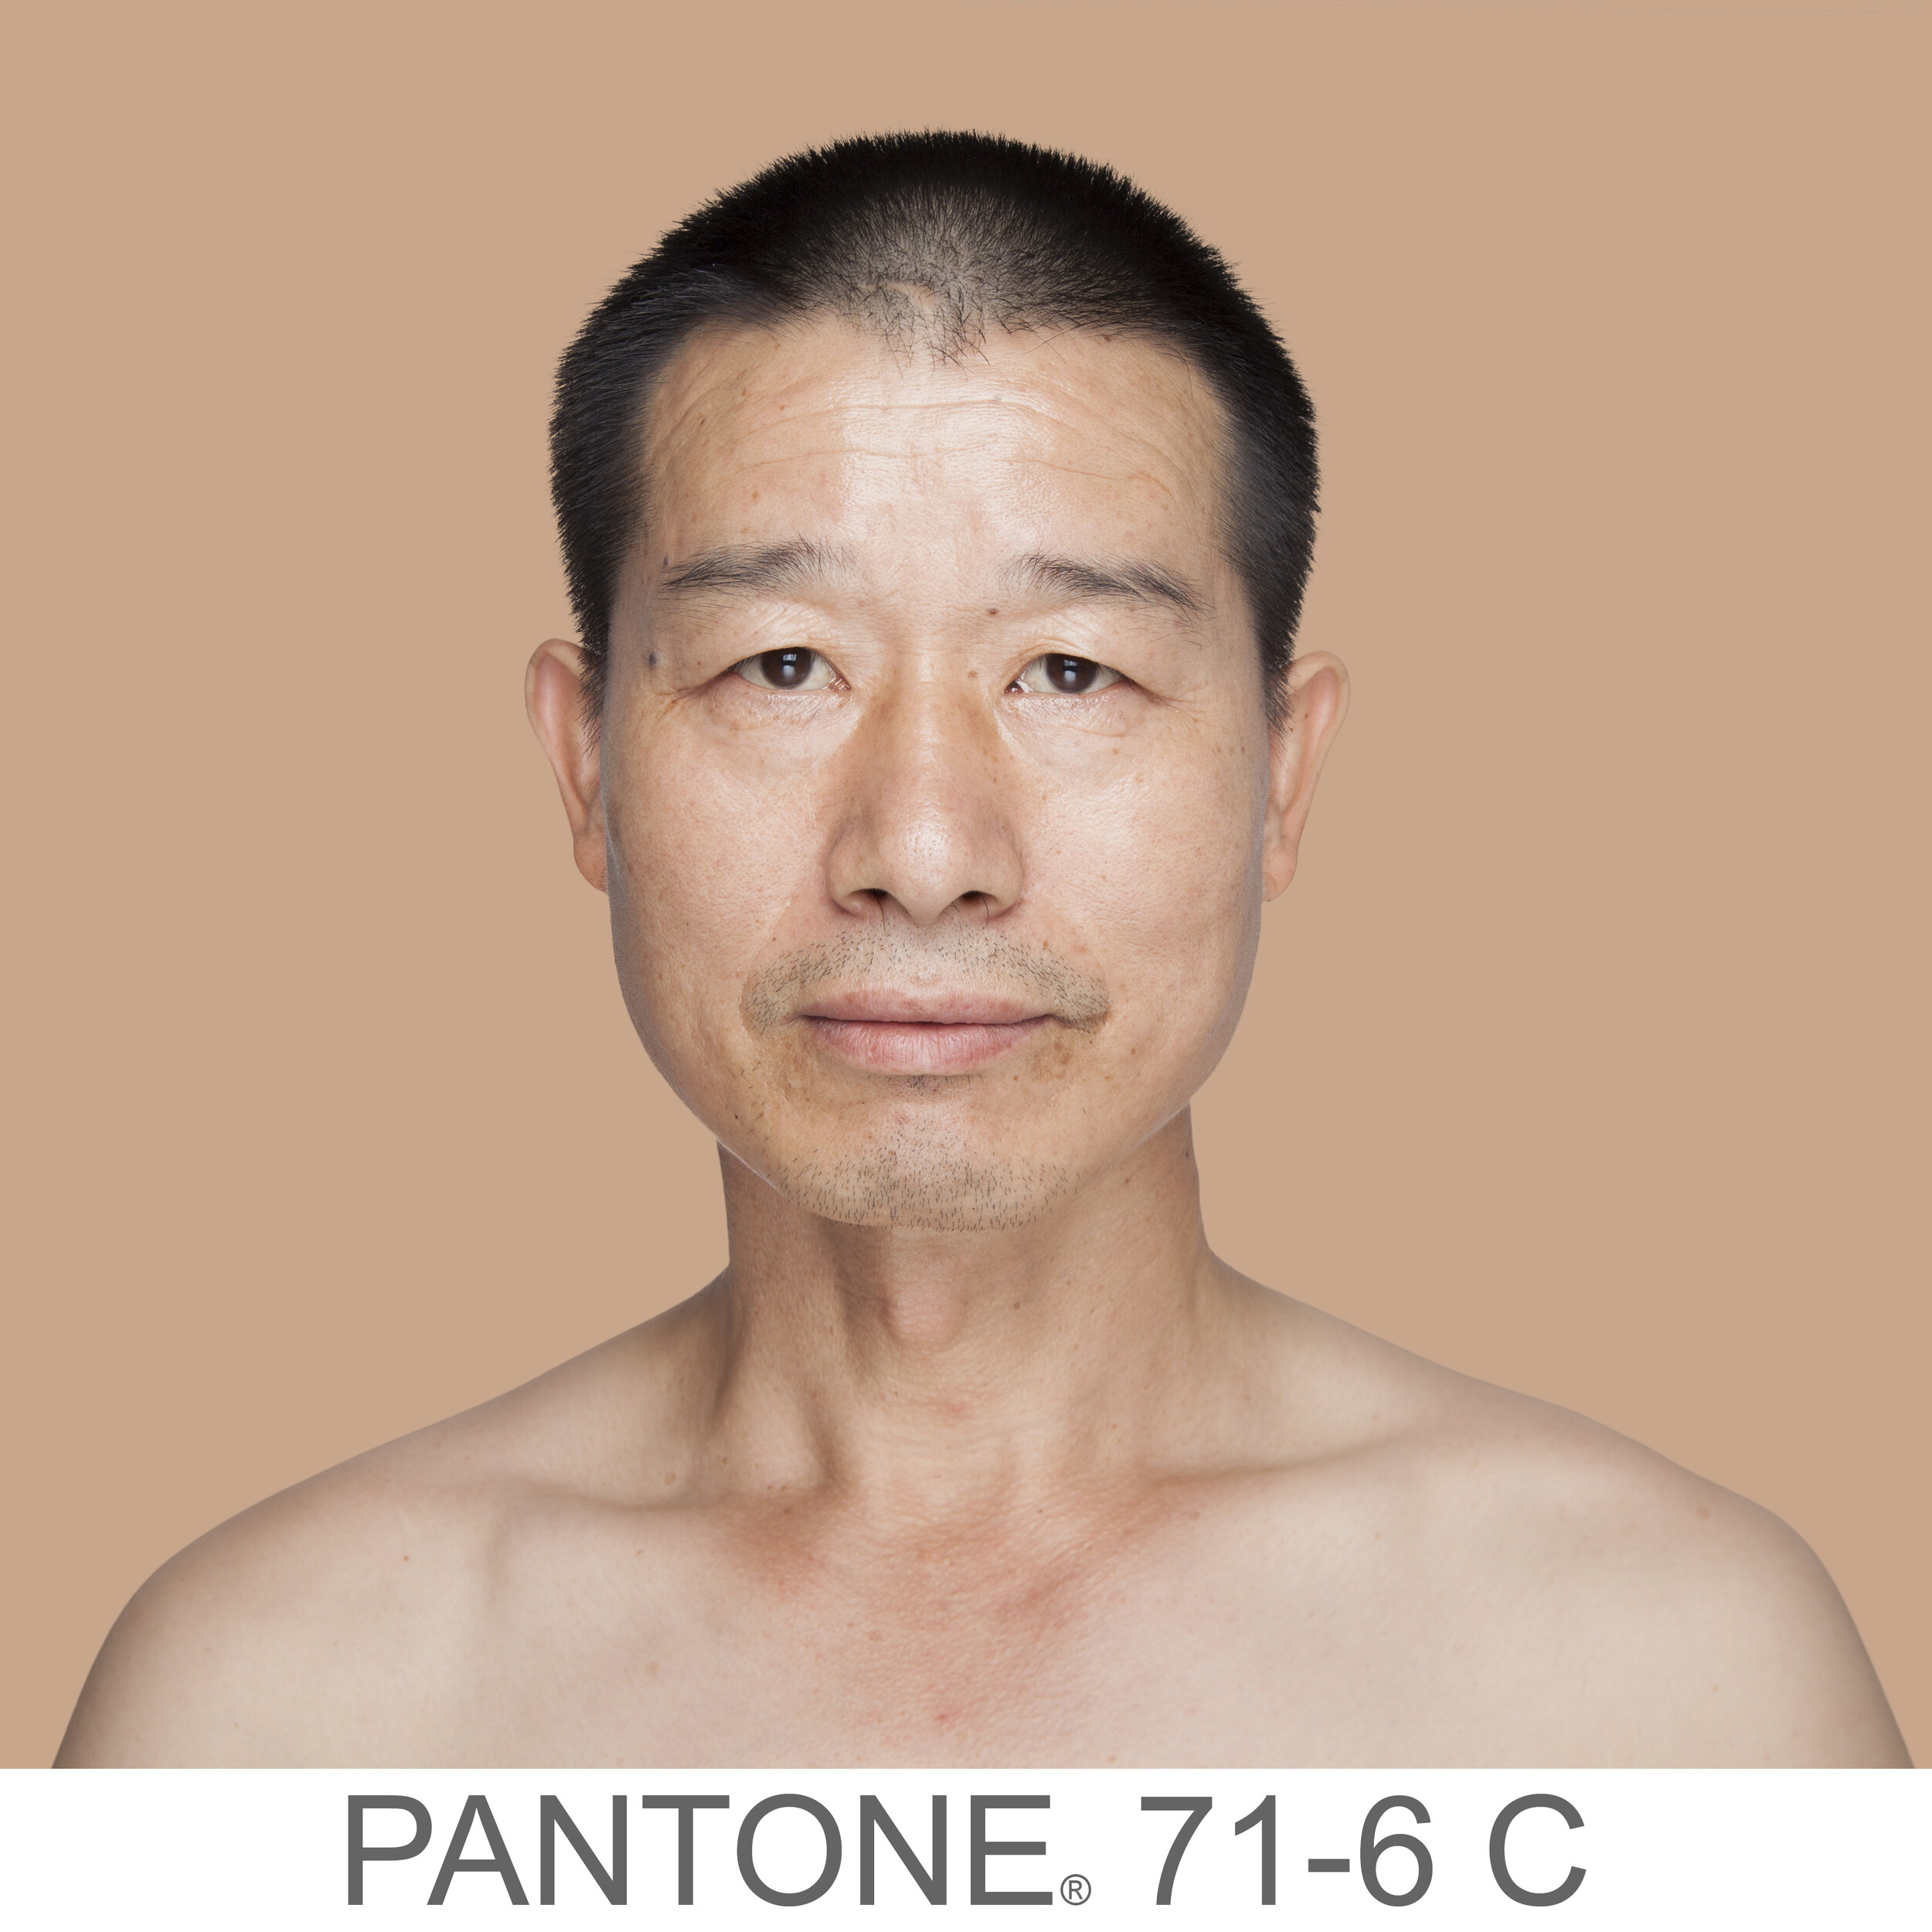 humanae 71-6 C1 CN copia.jpg